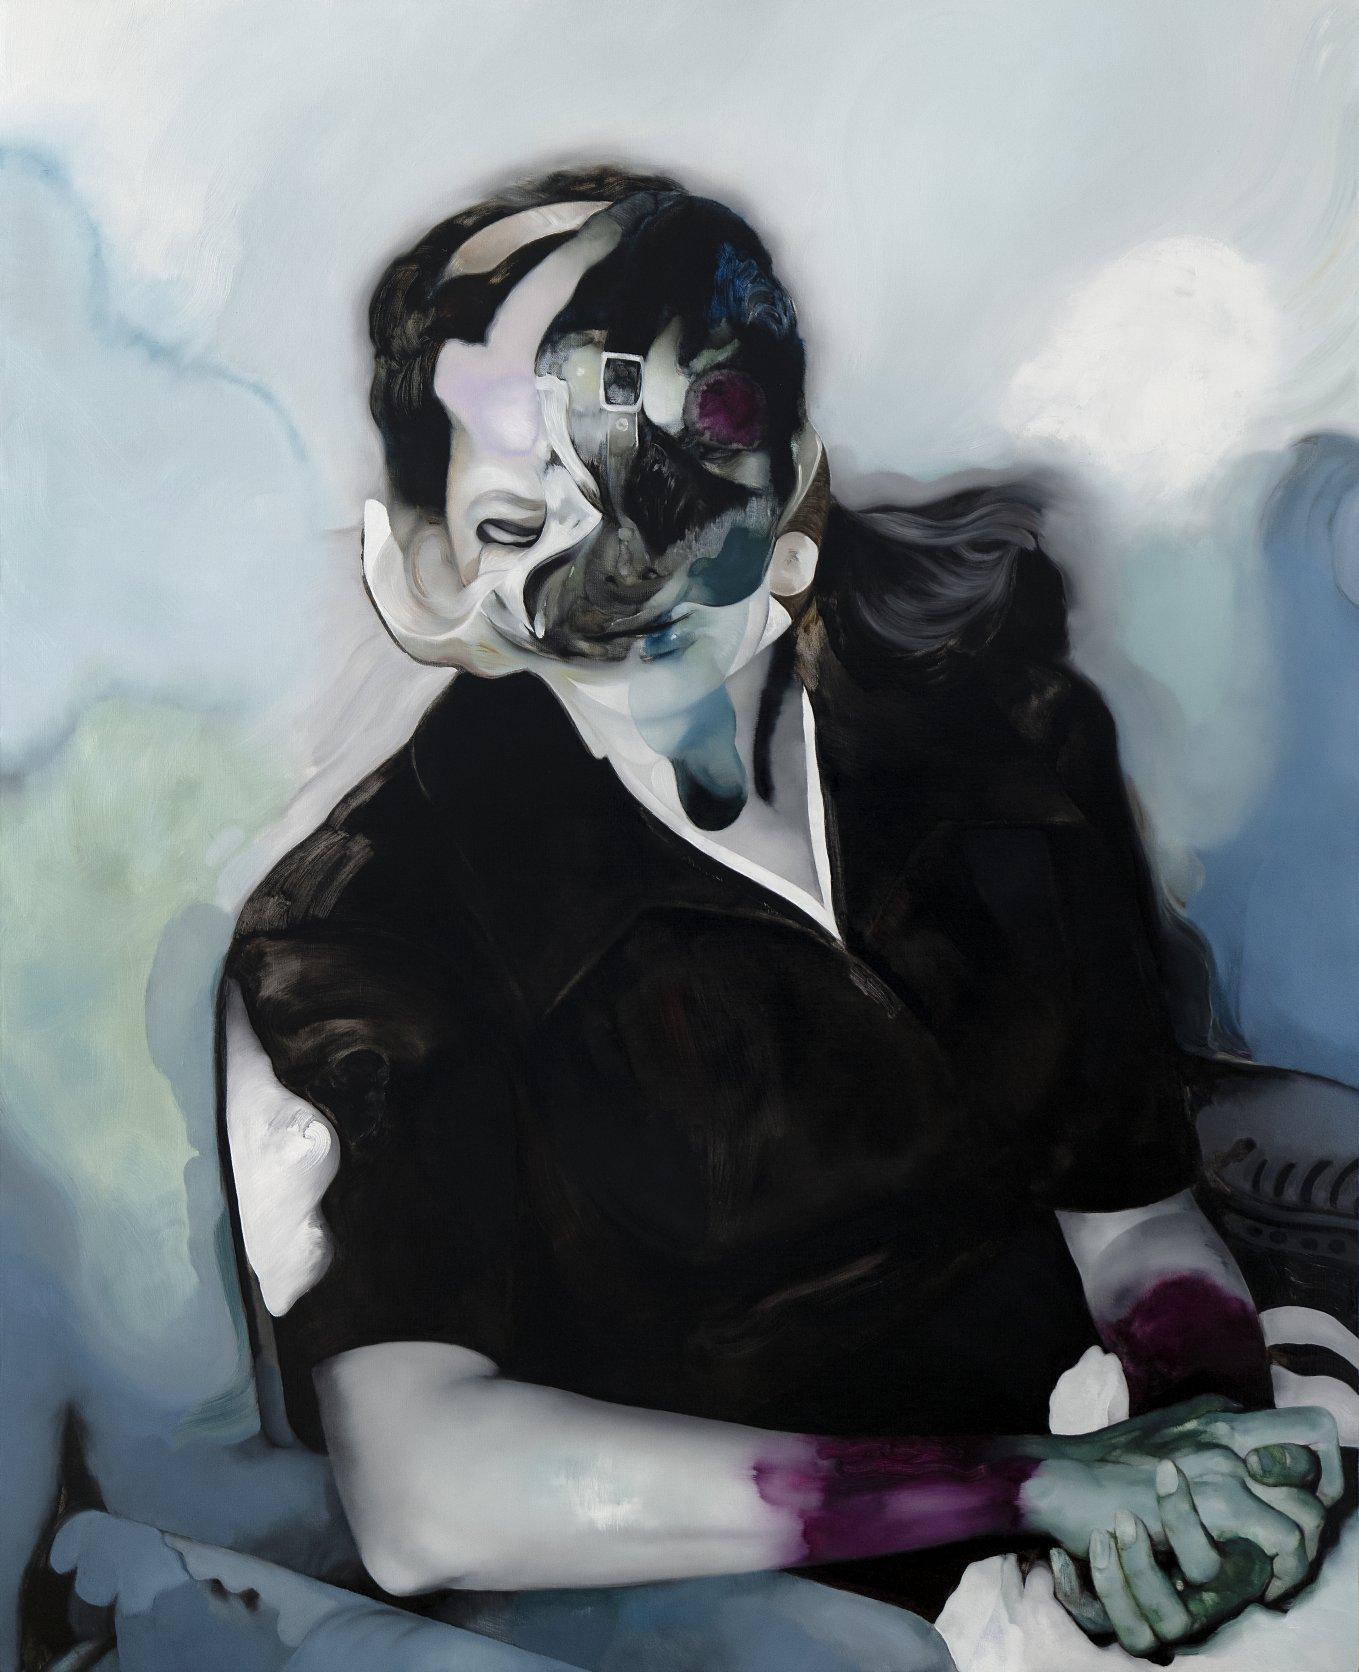 L'artiste chinois He Wei, Primo Marella Gallery, Lugano